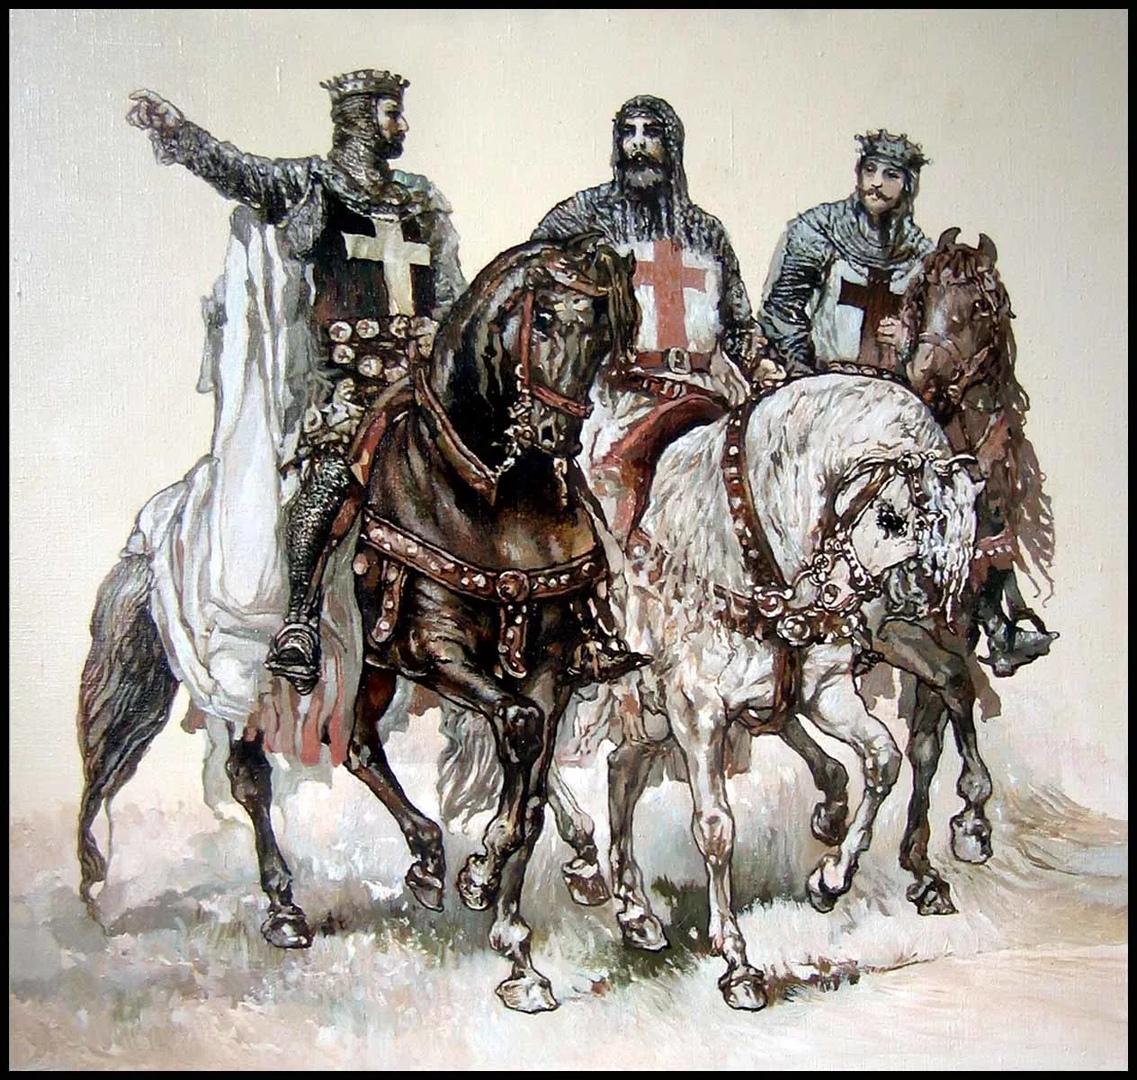 картинки про крестовые походы организациях